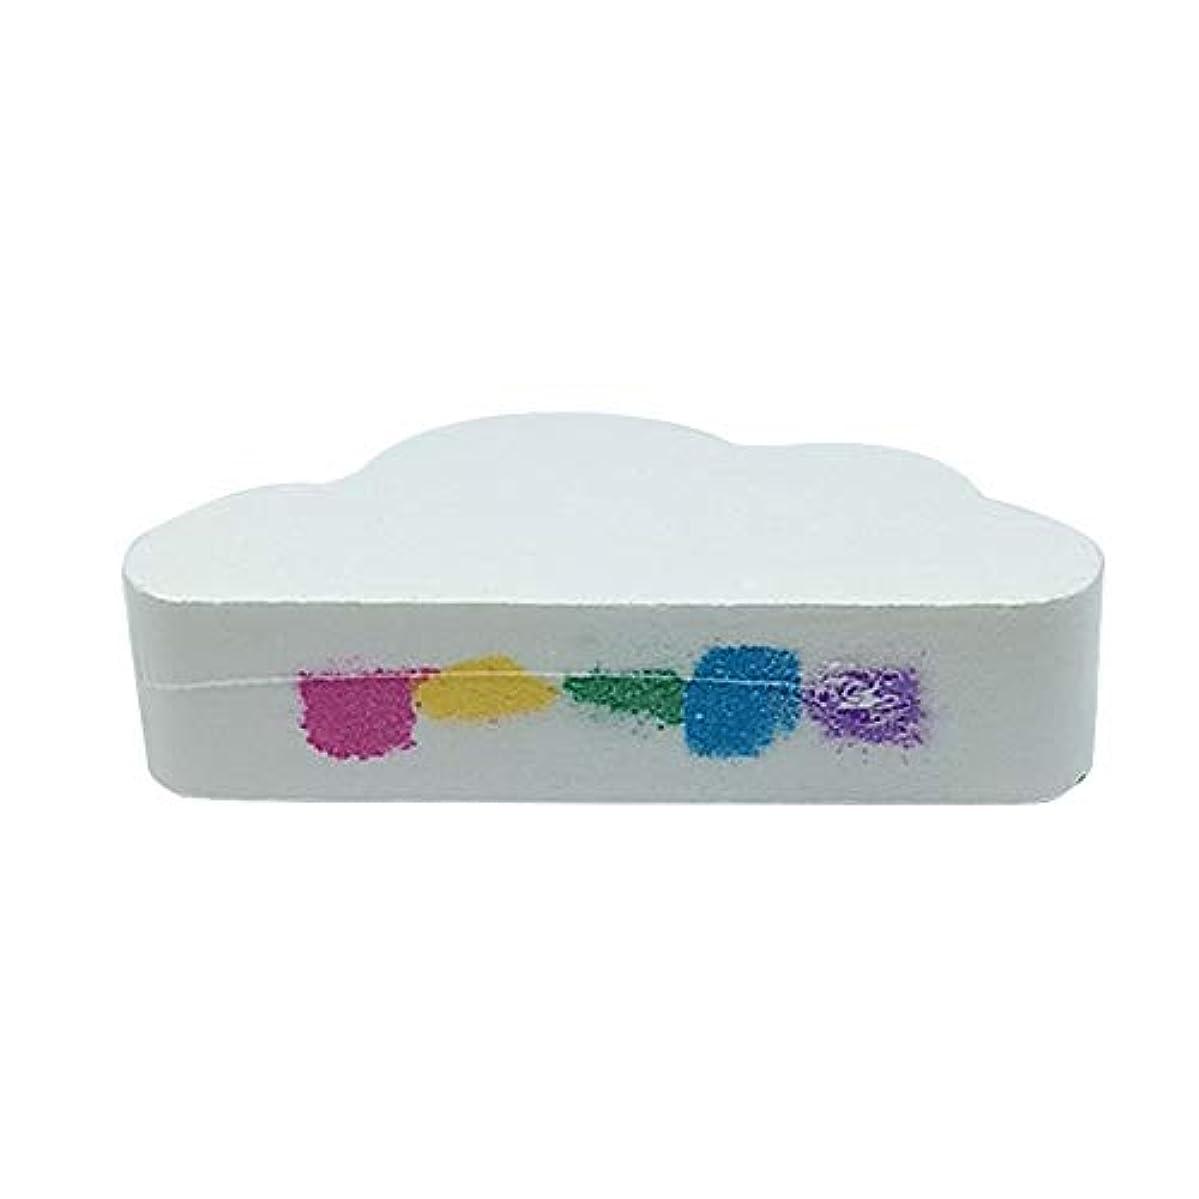 専制対処するボアレインボー入浴剤 バス用 お風呂塩 保湿バブルボール 温泉 入浴剤 スキンケア プレゼント